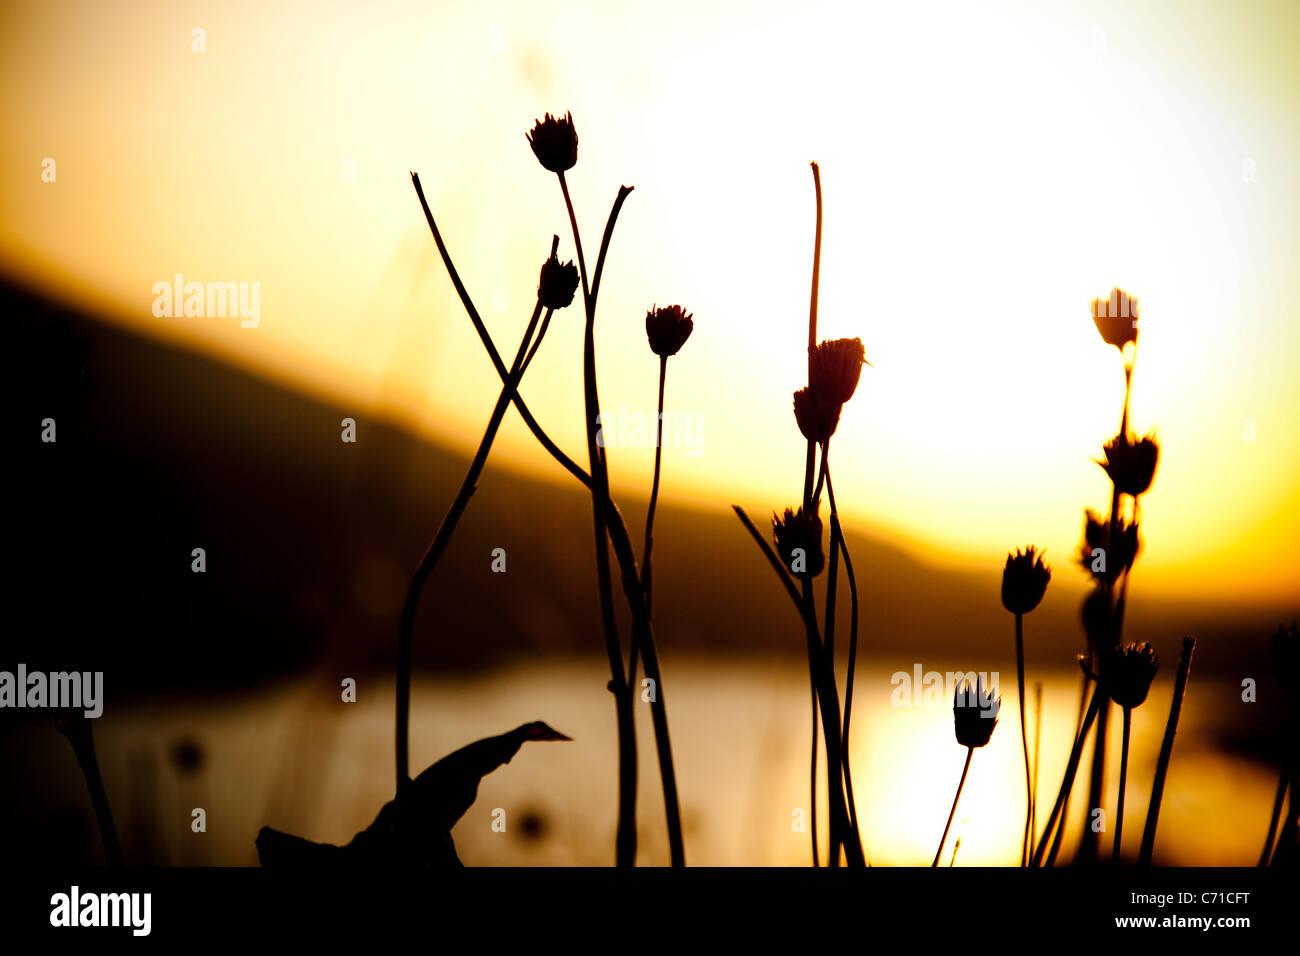 Fleurs séchées silhouetté au lever du soleil. Banque D'Images